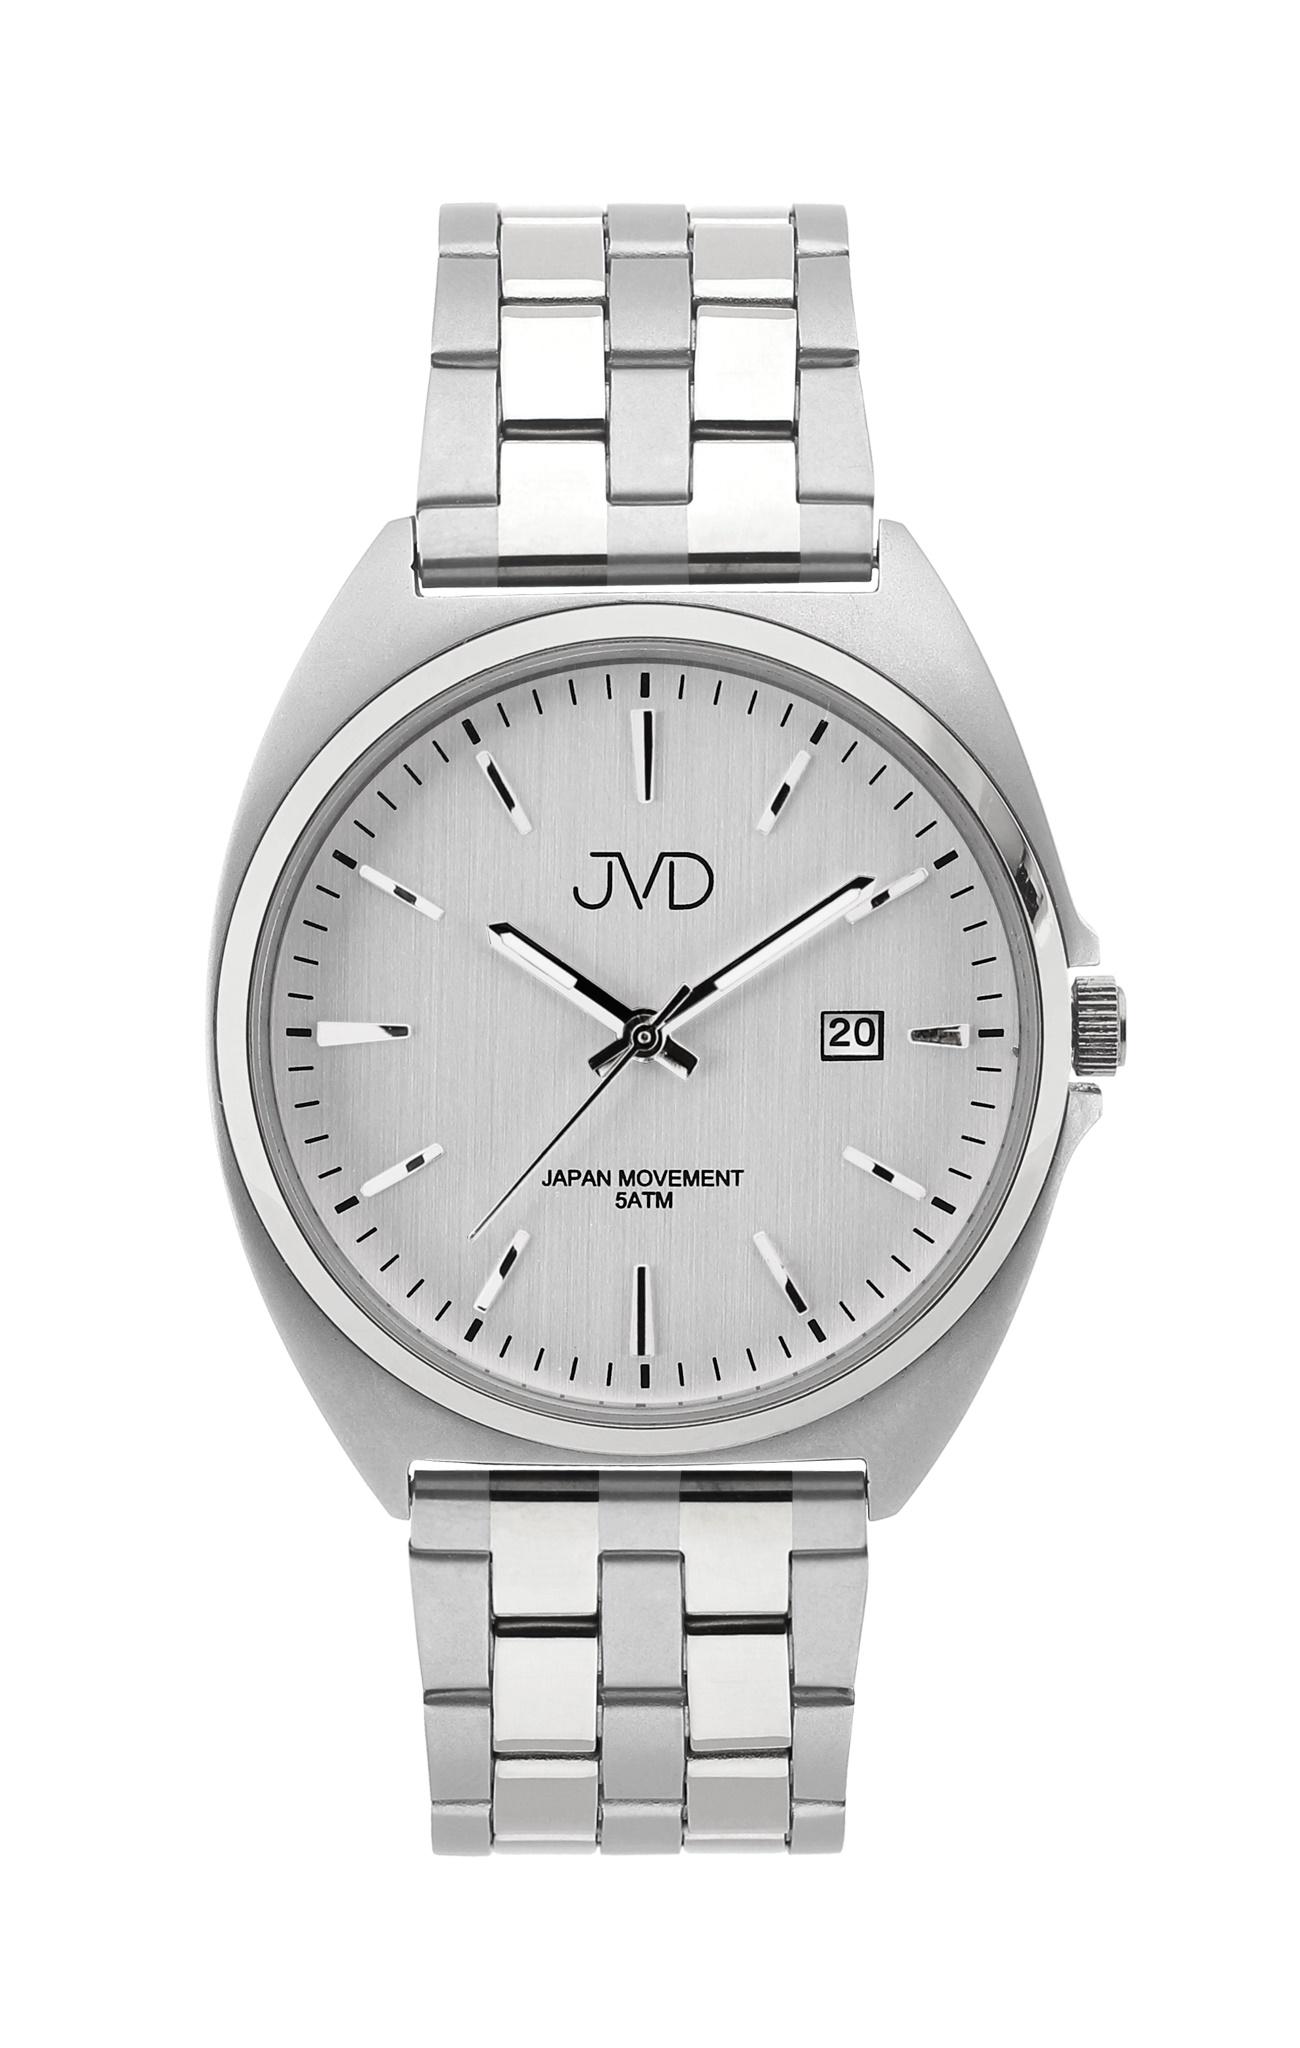 Pánské ocelové čitelné náramkové hodinky JVD J1115.2 - 5ATM ... cacb8945749